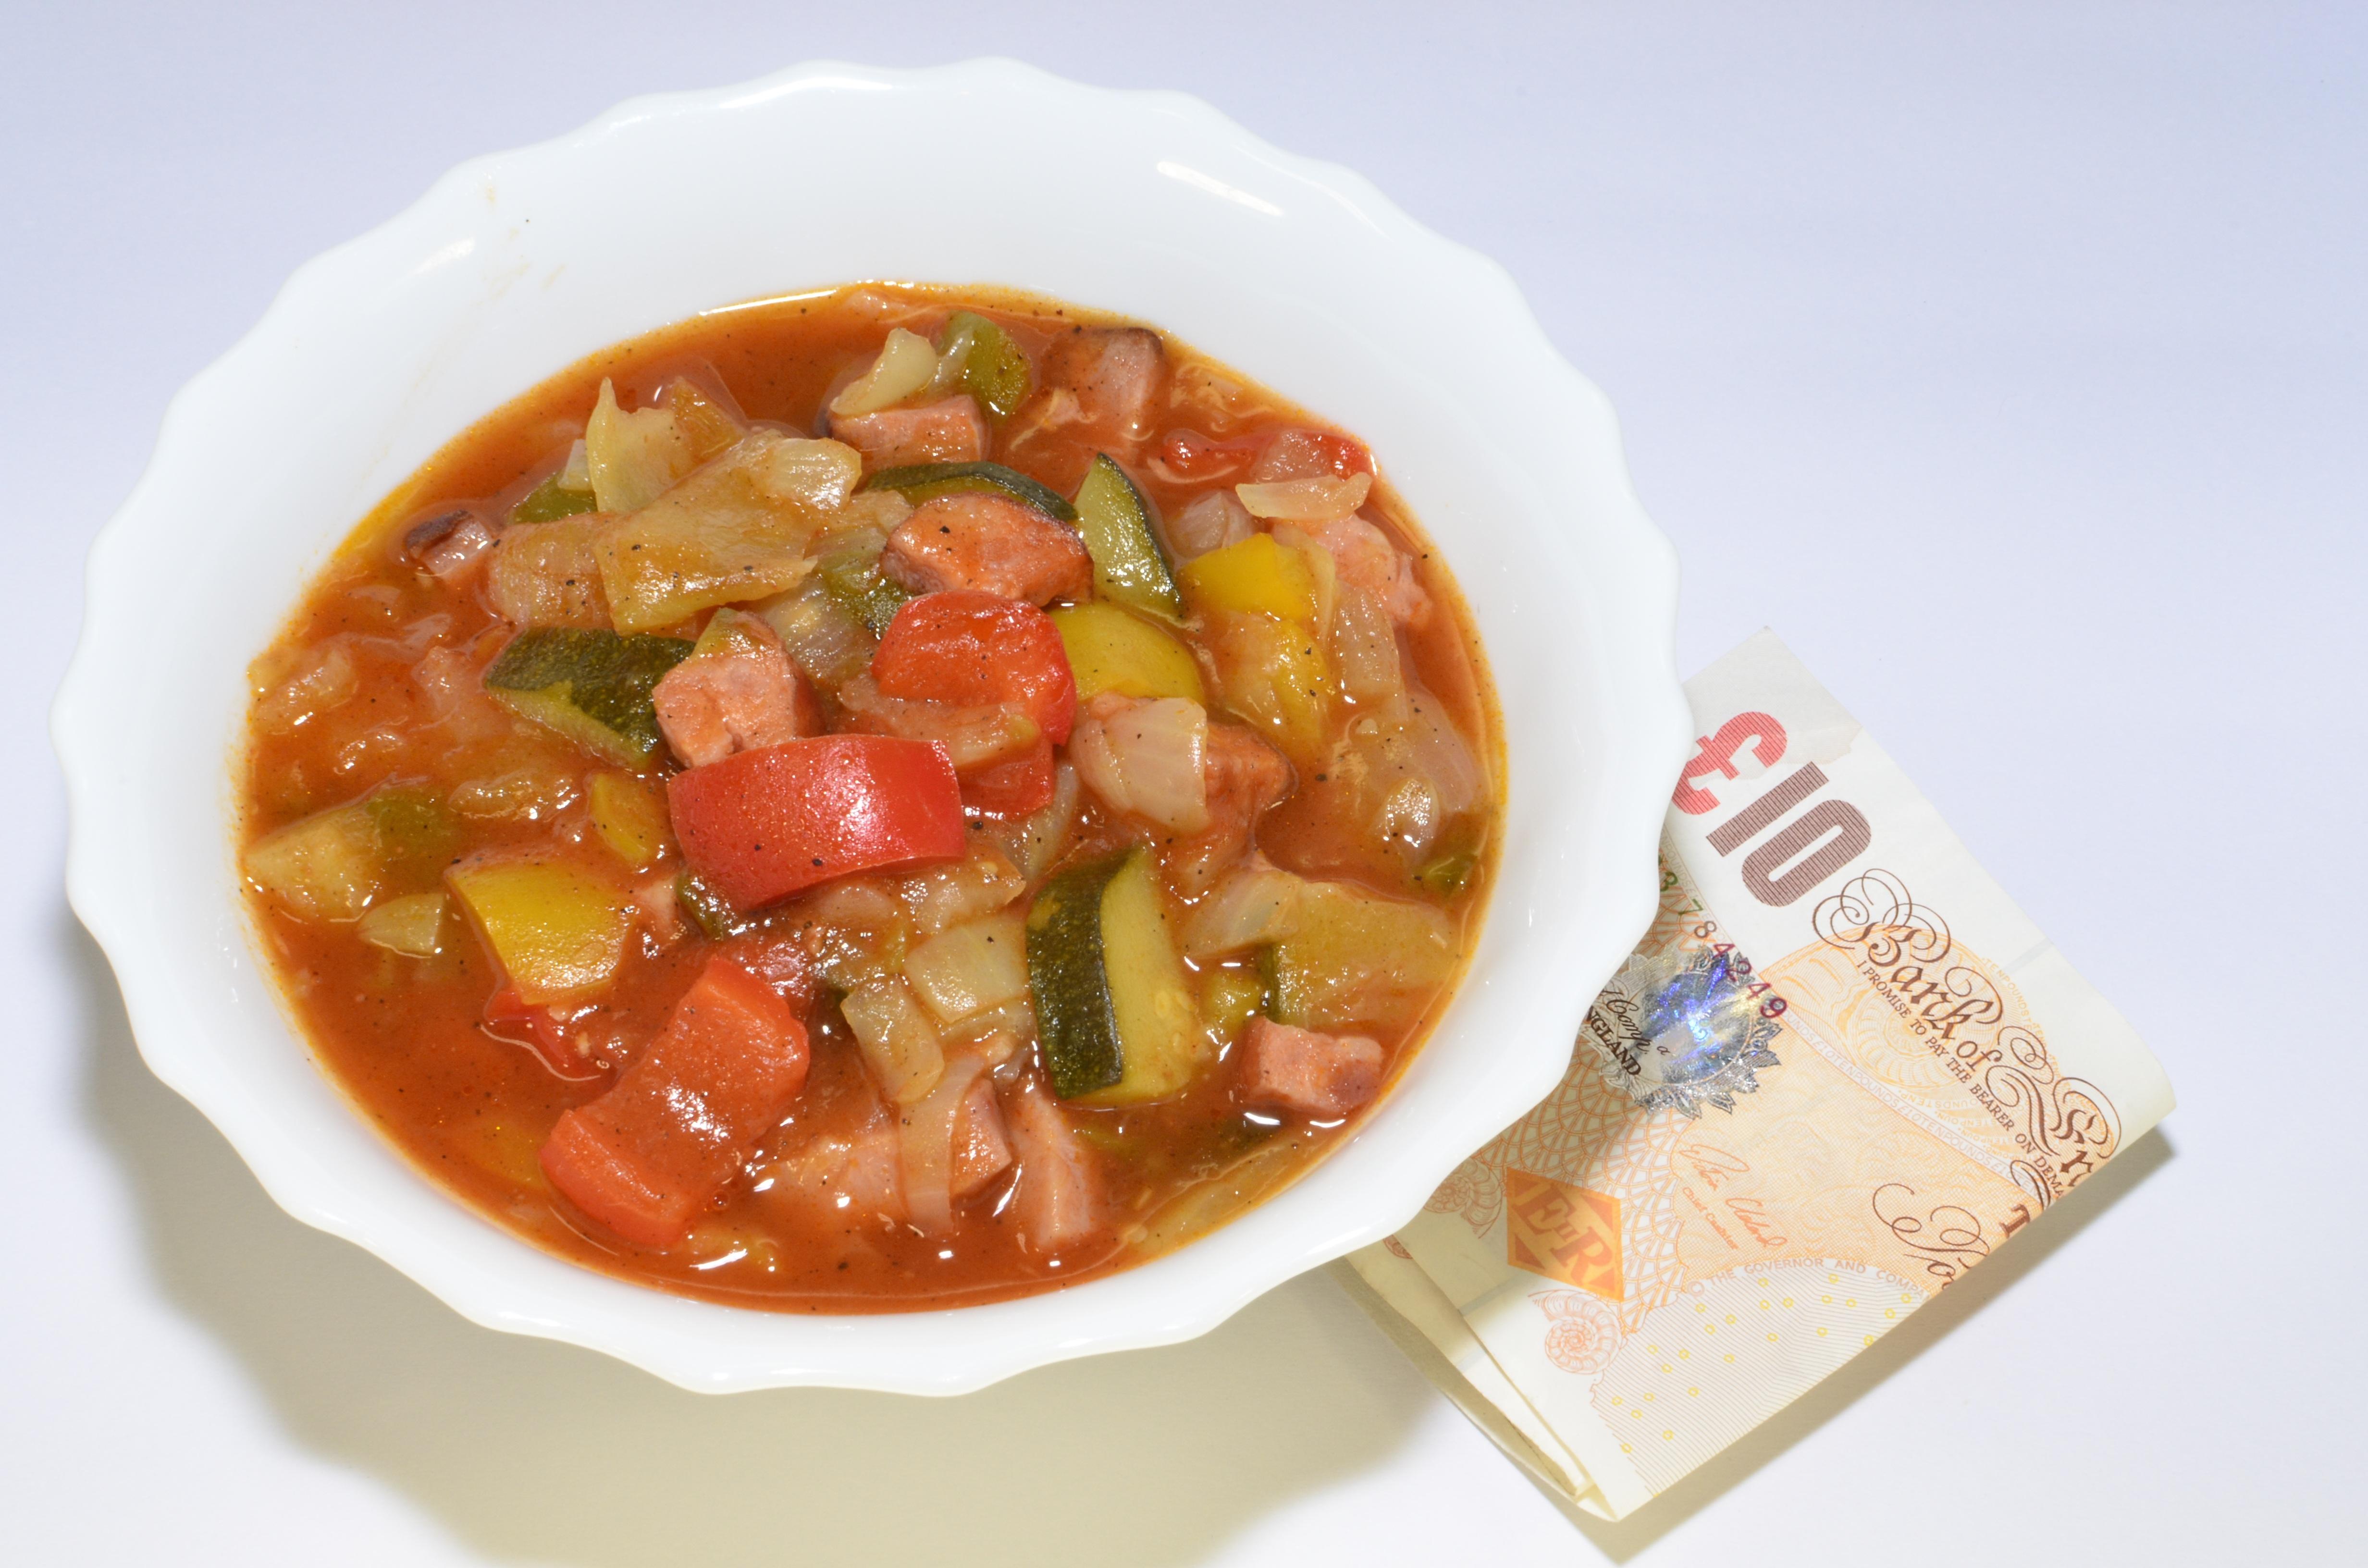 Fotos gratis plato cocina produce vegetal comer - Cocinar verduras para dieta ...